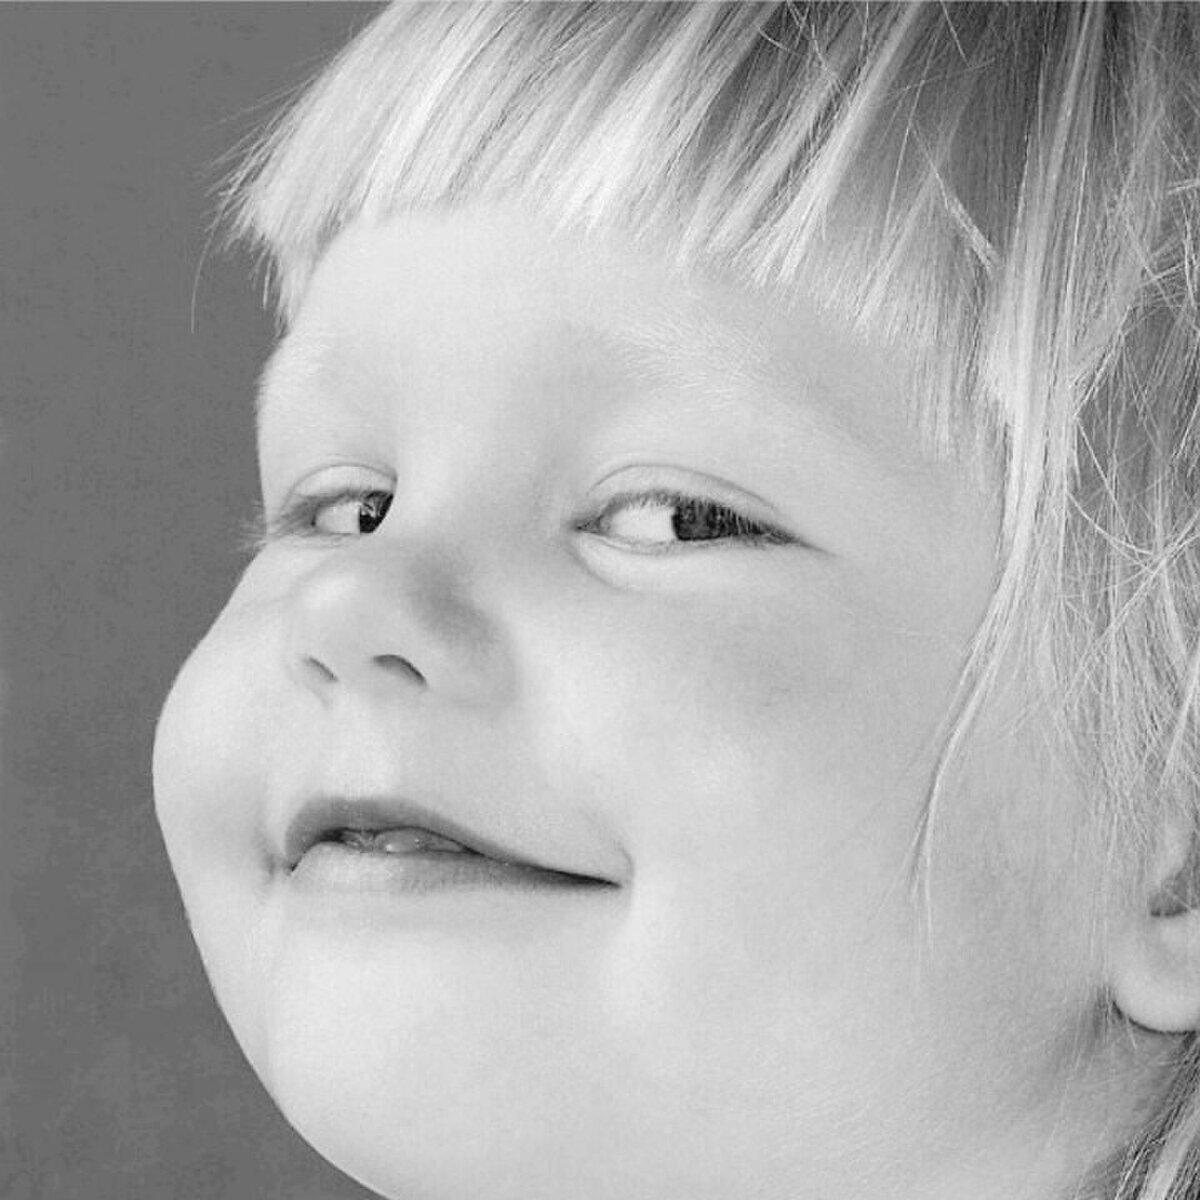 Картинки ехидные улыбки, картинка для лучшей